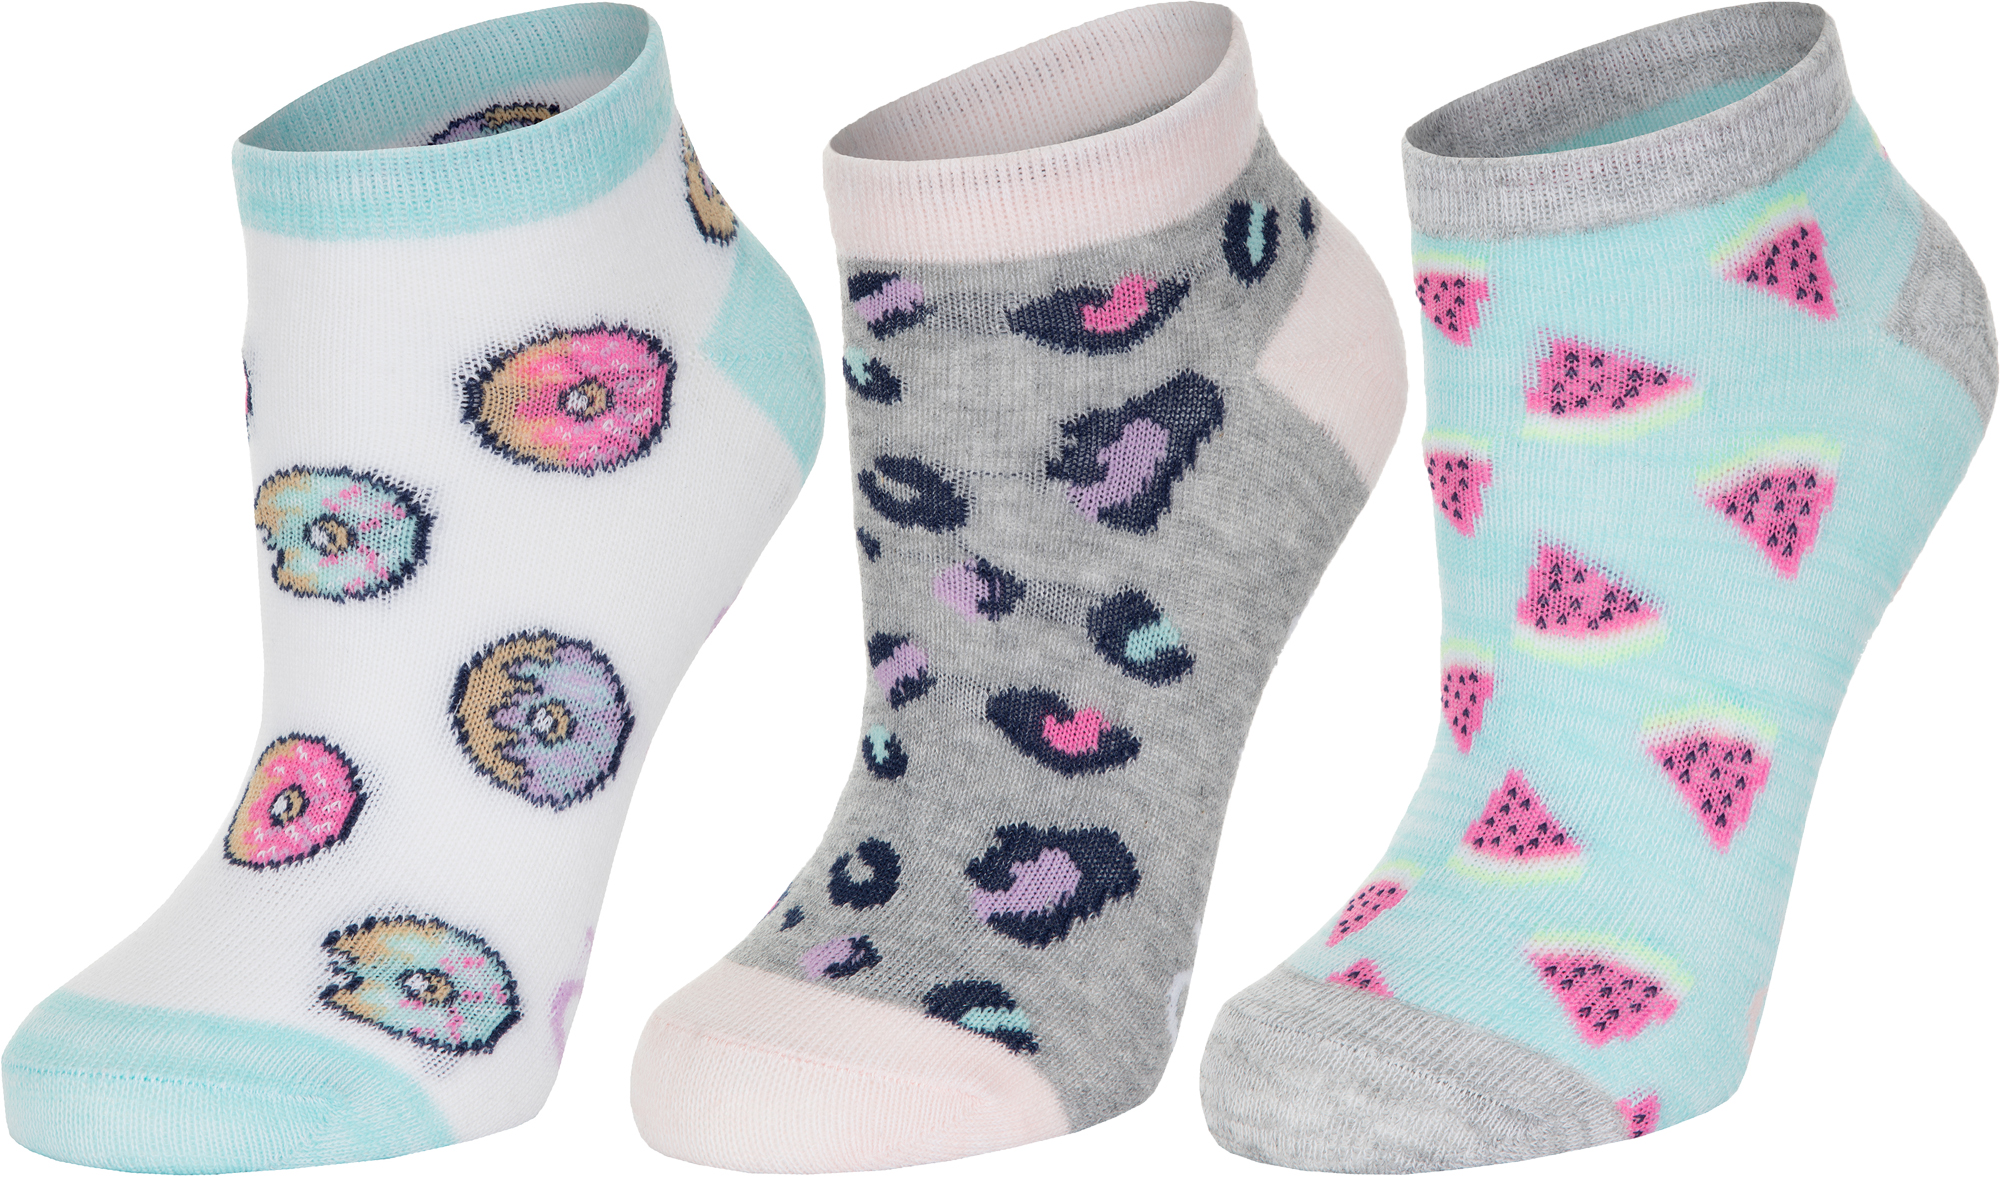 белье acoola носки детские 2 пары цвет ассорти размер 16 18 32114420052 Skechers Носки для девочек Skechers, 2 пары, размер 24-35